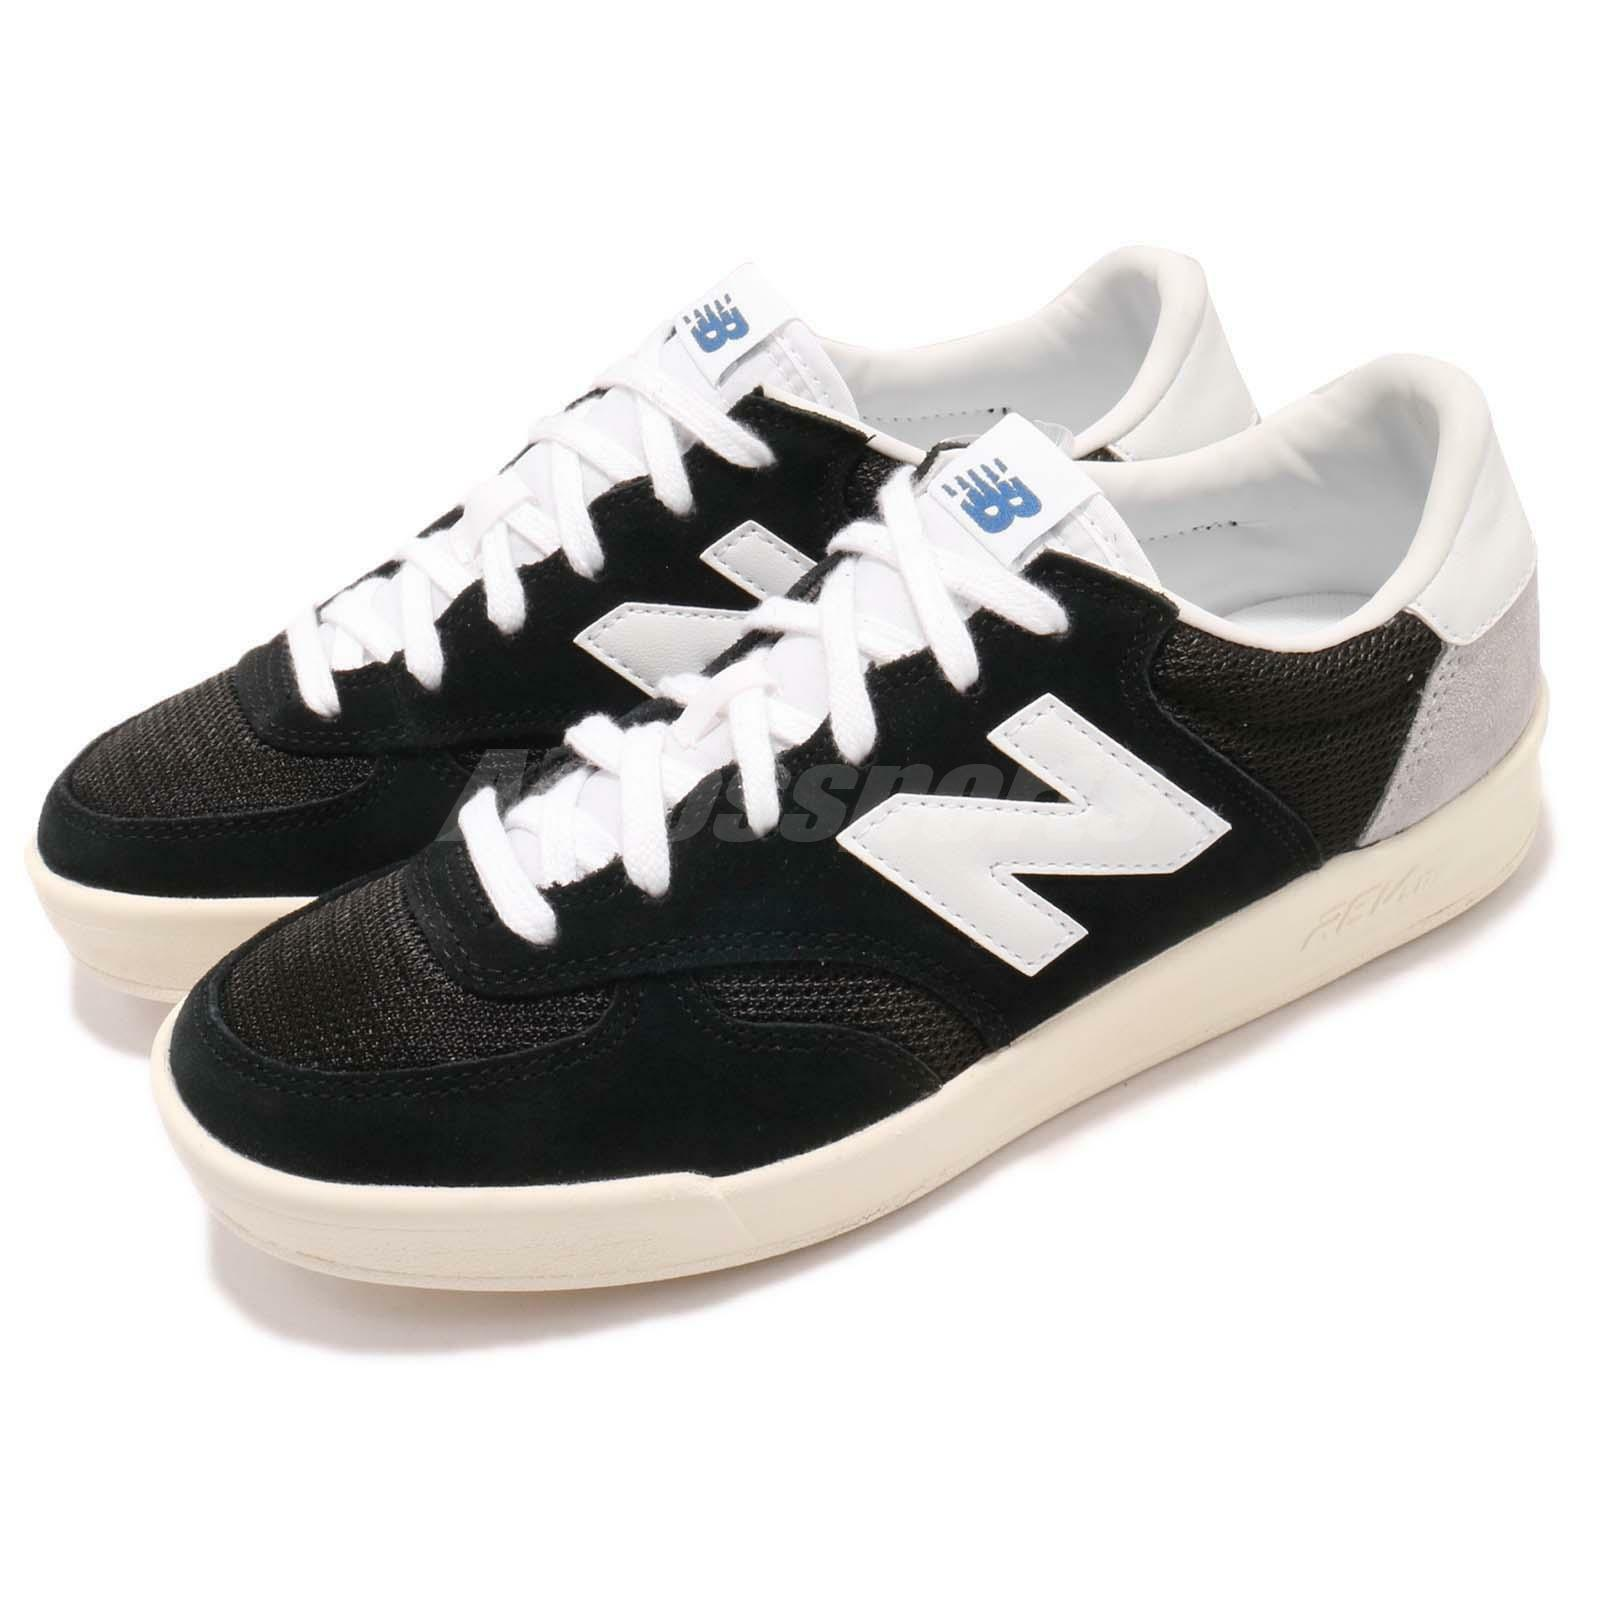 New Balance CRT300FO D Noir Beige Men Court Classic Chaussures Baskets CRT300FOD